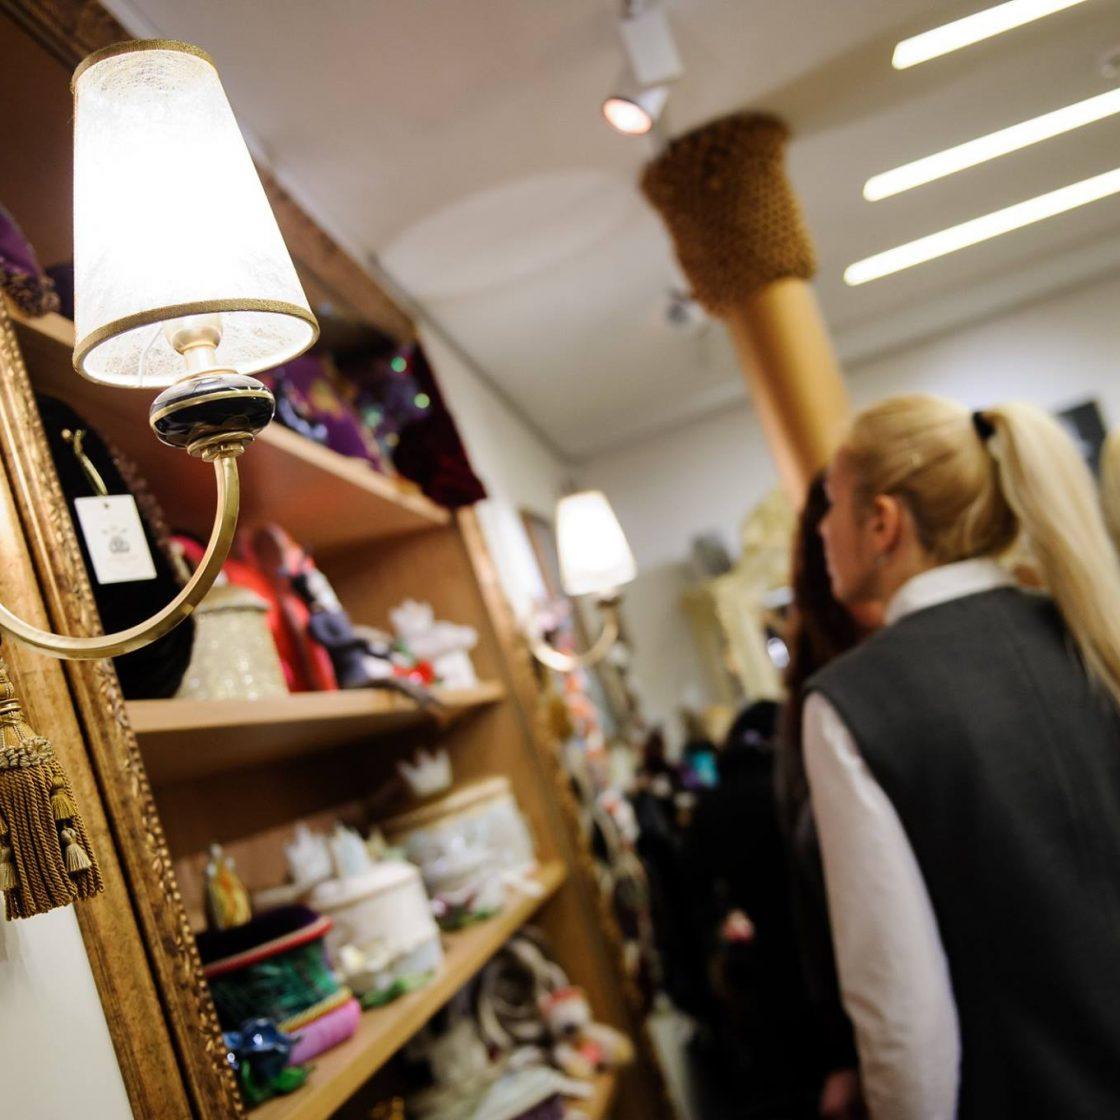 užuolaidos, romanetės ir kita namų tekstilė Jūsų namams. Kokybiški audiniai Jūsų interjerui!